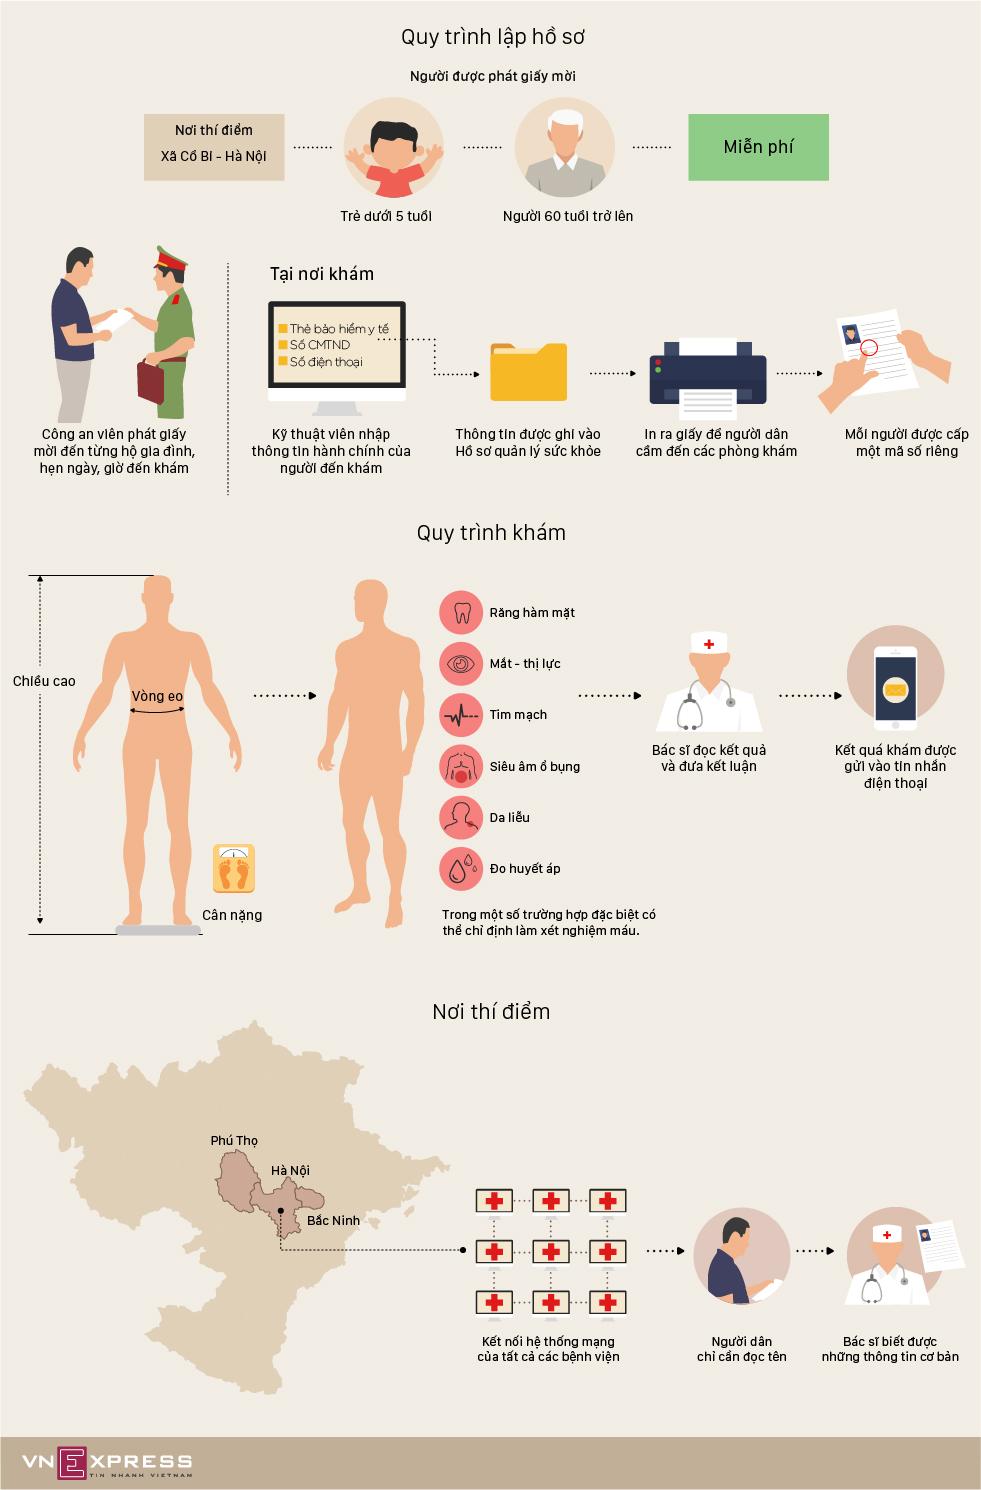 Quy trình dân Hà Nội khám lập hồ sơ sức khỏe